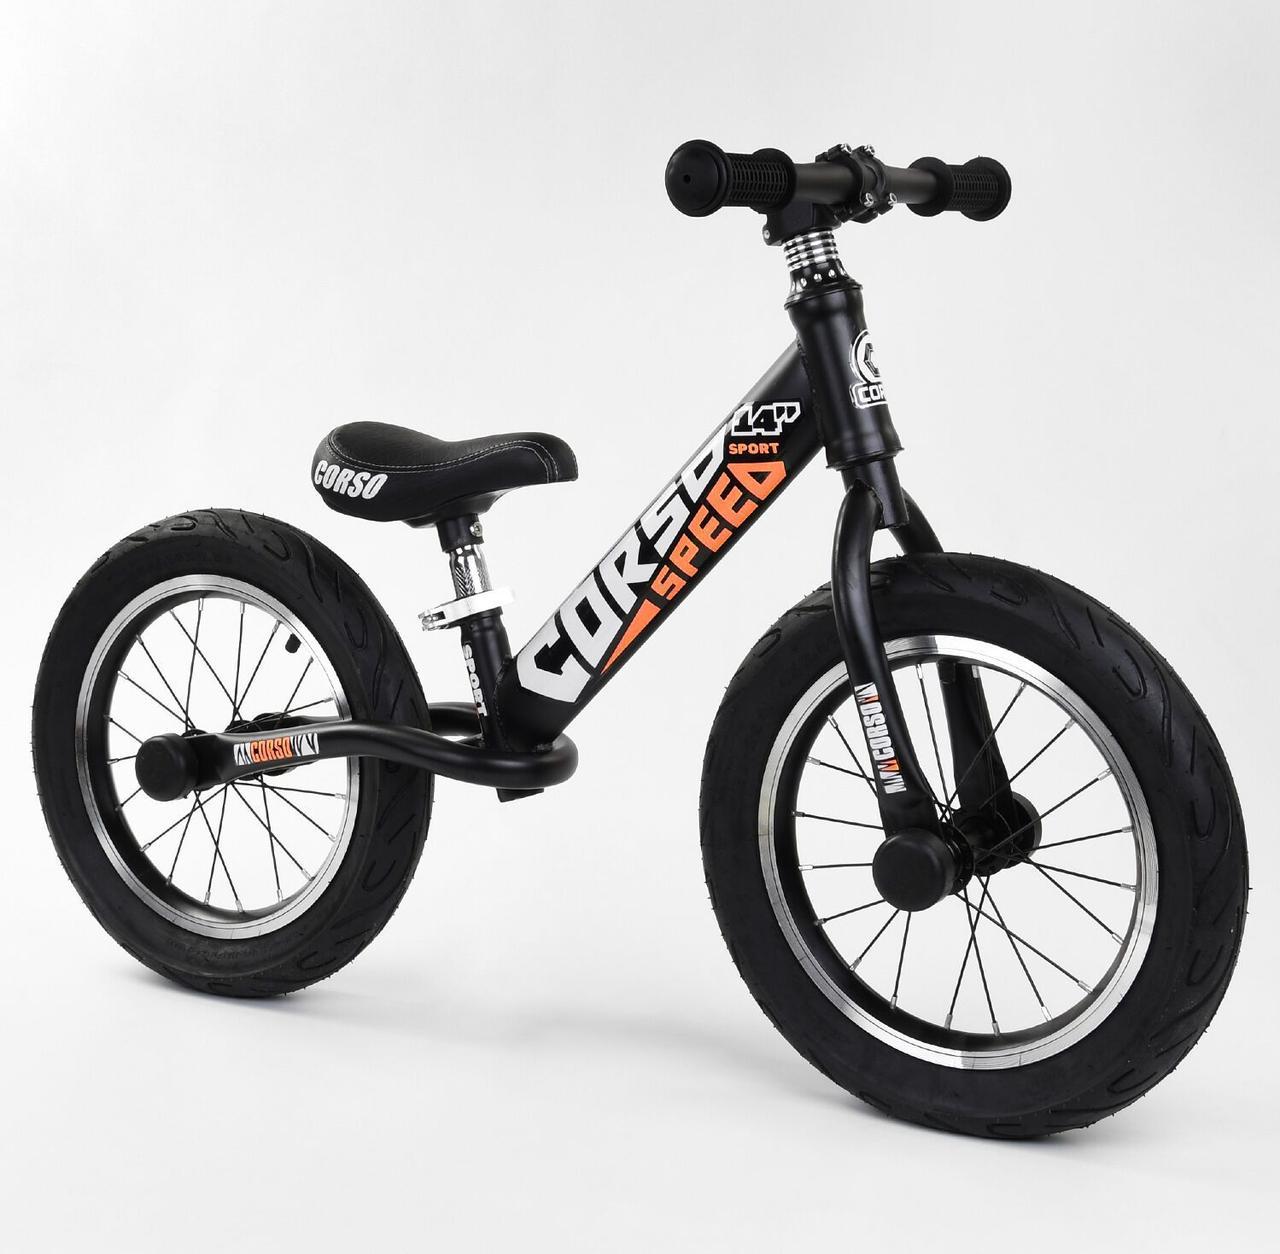 Двоколісний беговел з надувними колесами, алюмінієвим виносом керма, для дітей CORSO 53047, помаранчевий